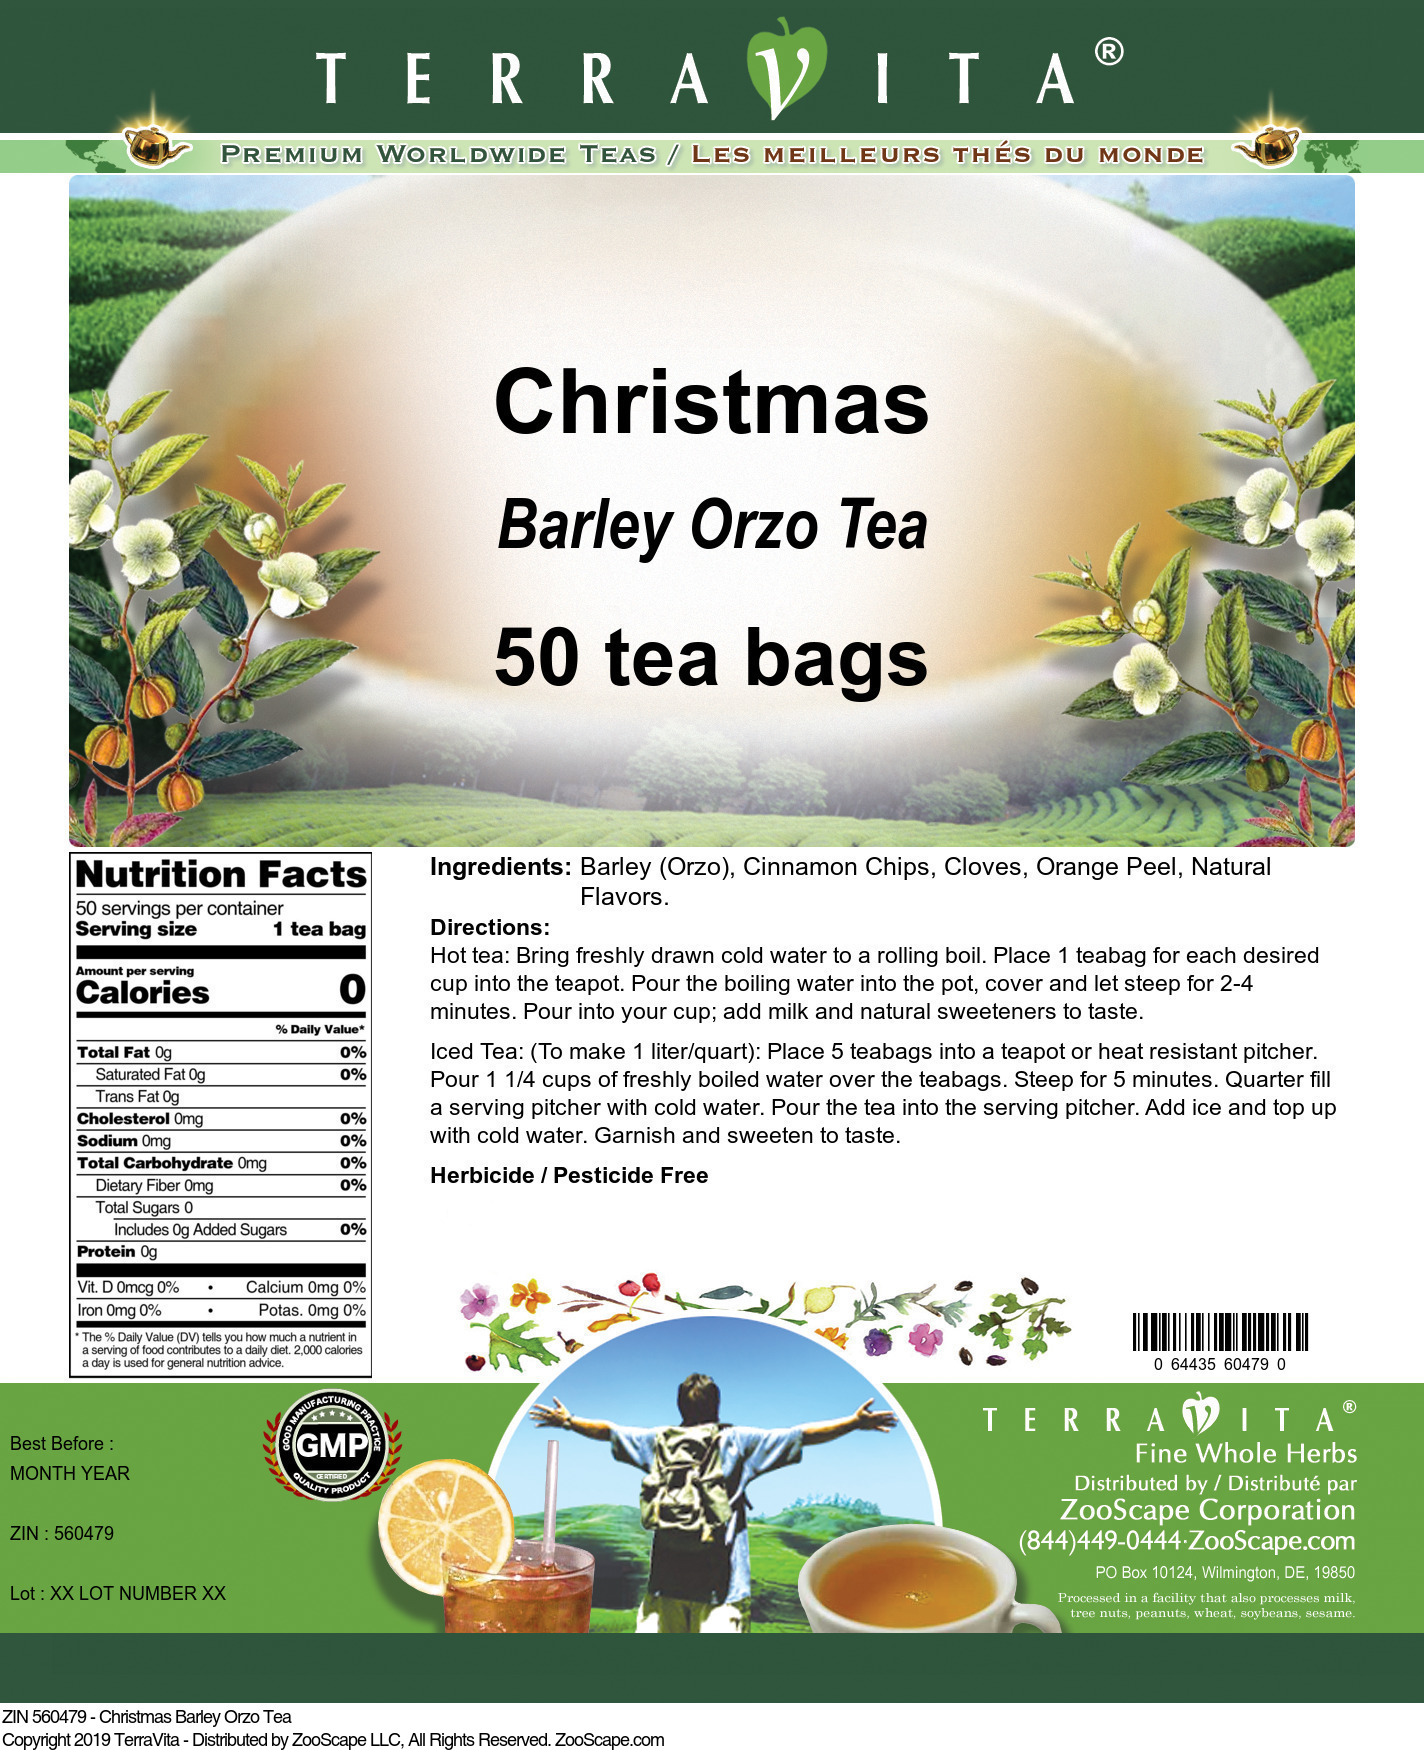 Christmas Barley Orzo Tea